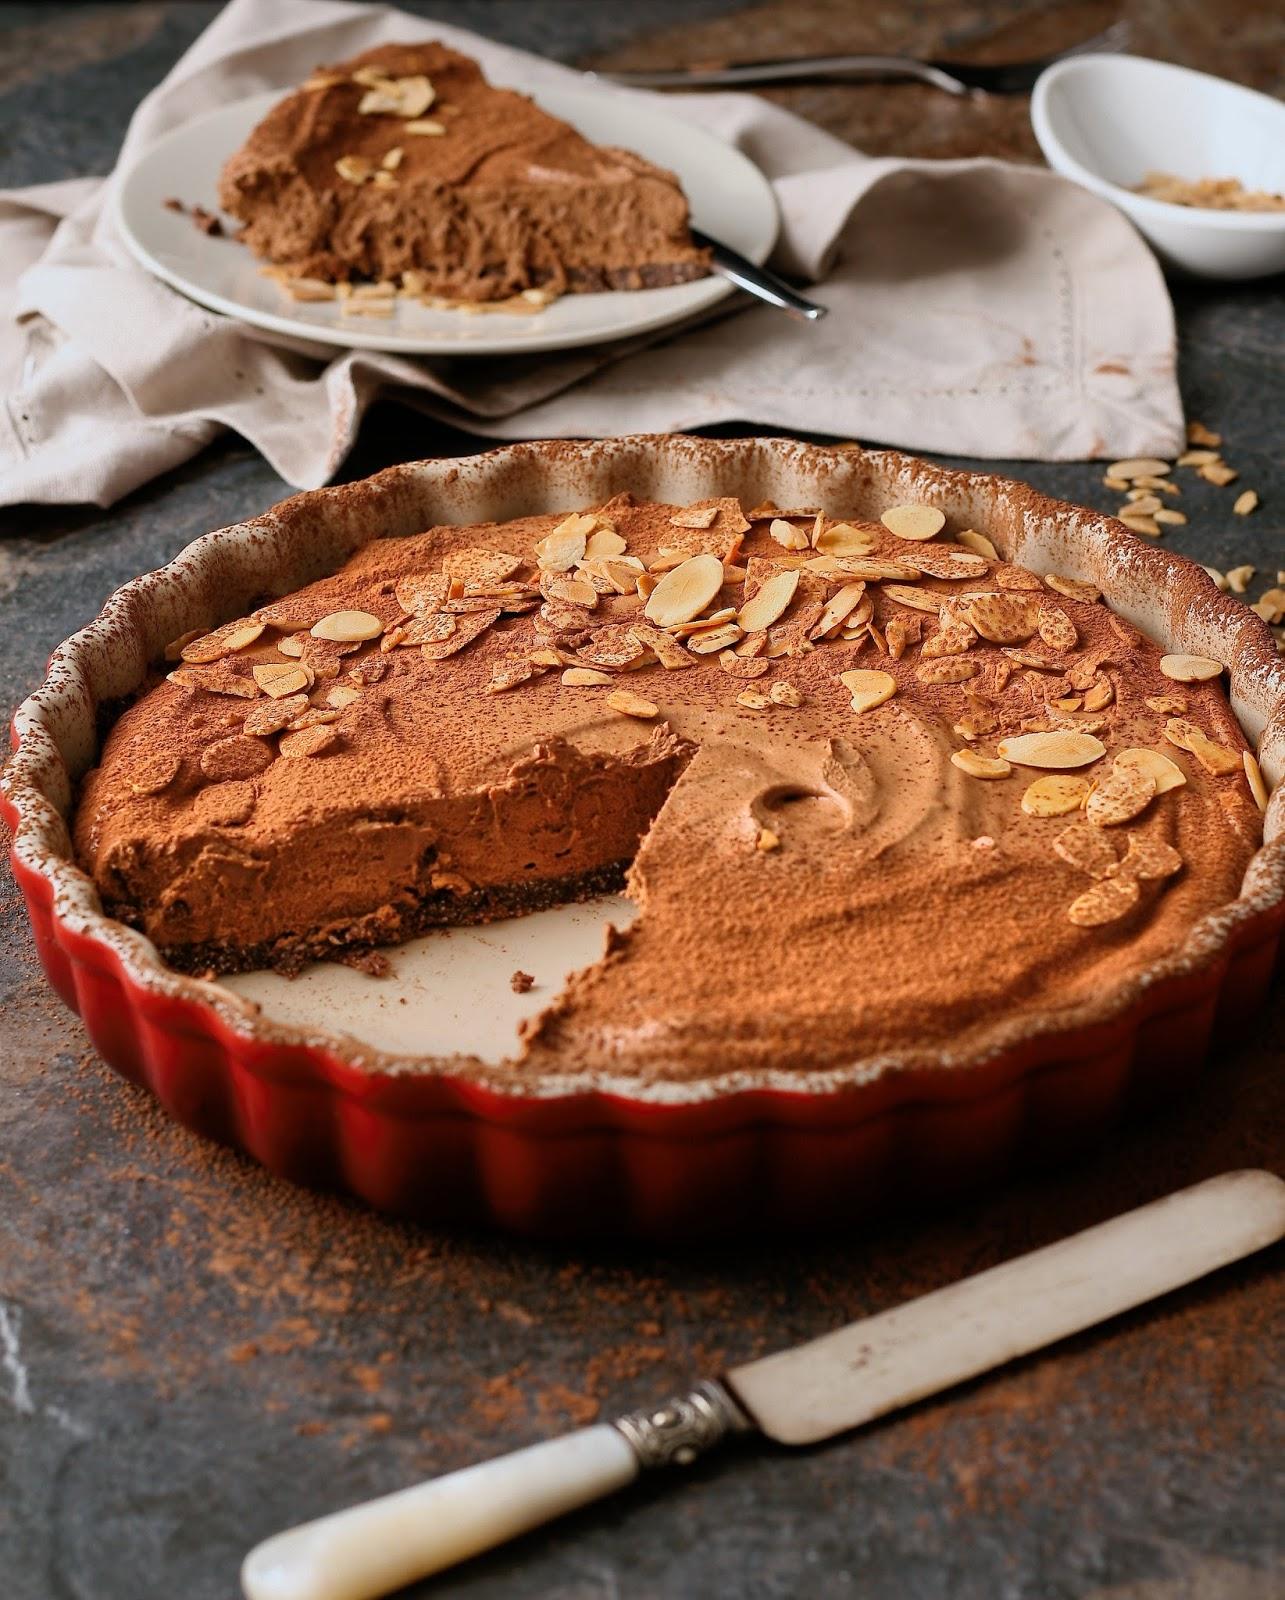 Gluten free dessert ideas.